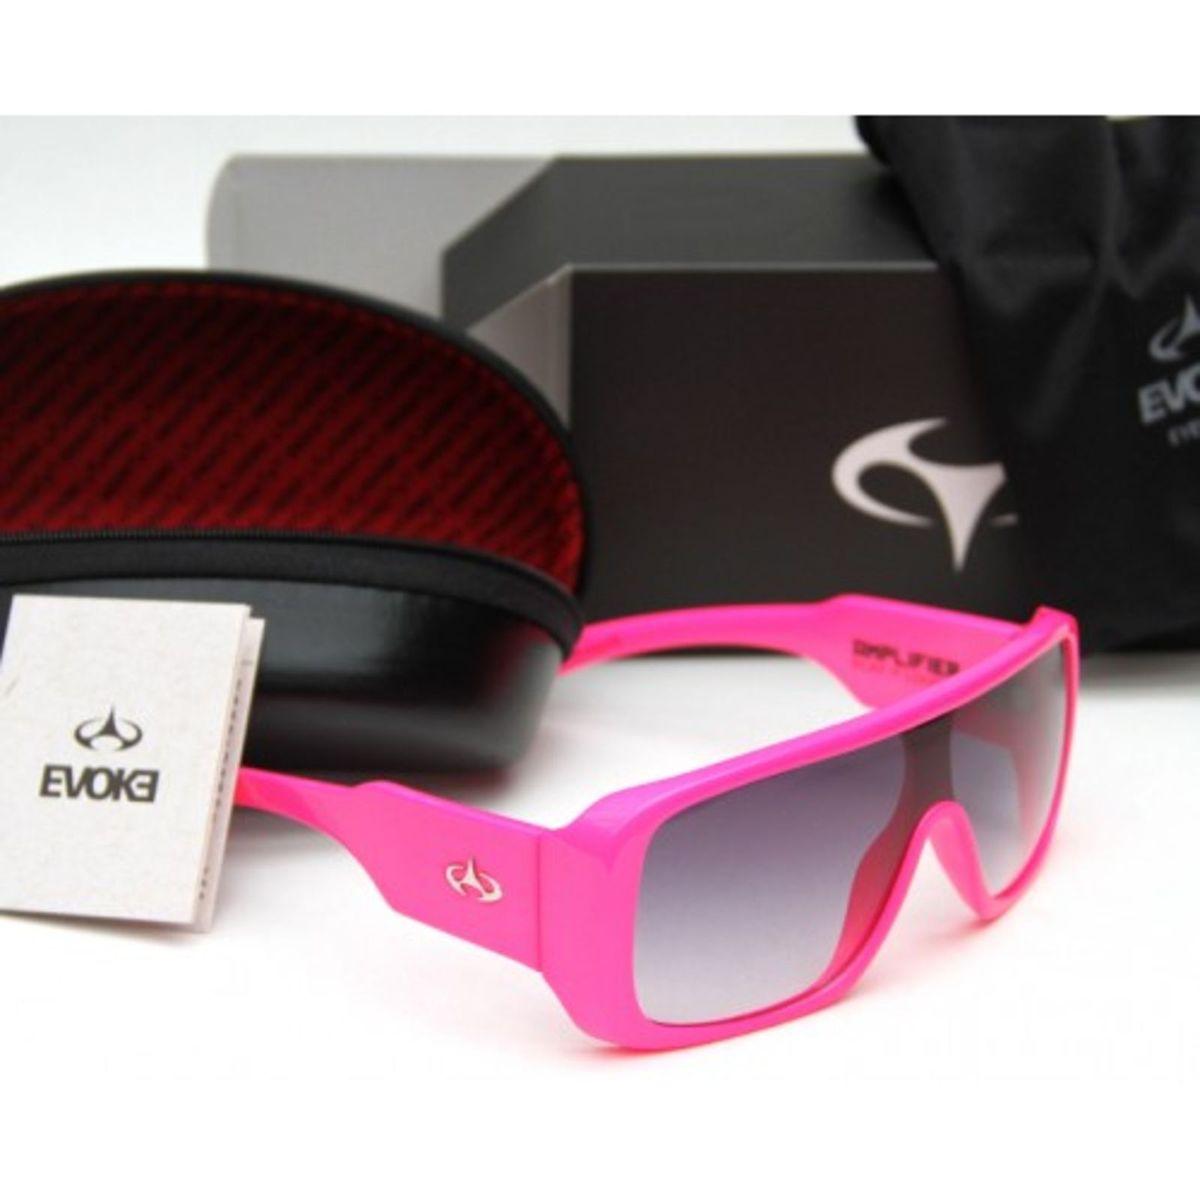 1be1ab2317e8a óculos evoke amplifier pink - óculos evoke.  Czm6ly9wag90b3muzw5qb2vplmnvbs5ici9wcm9kdwn0cy84ota3nte5lzlhywzkyzkxzddhowu3mzc3ywzmmzjjyjuwztnmmtk1lmpwzw  ...